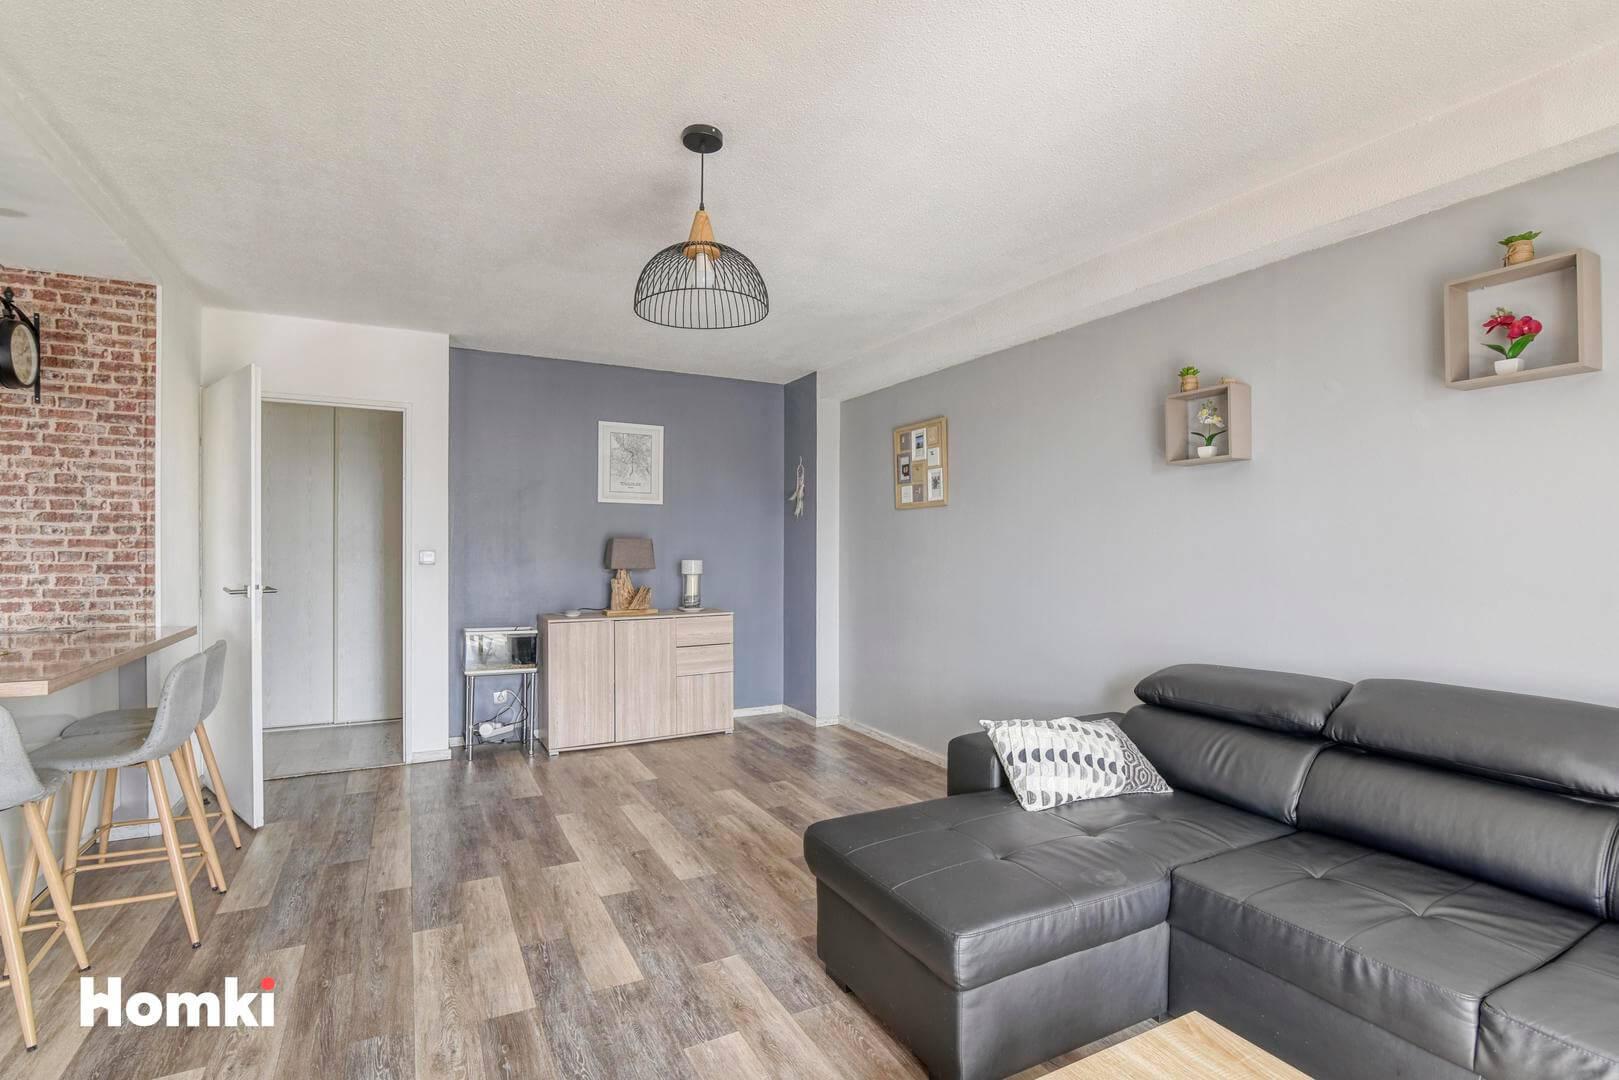 Homki - Vente Appartement  de 73.0 m² à Toulouse 31300